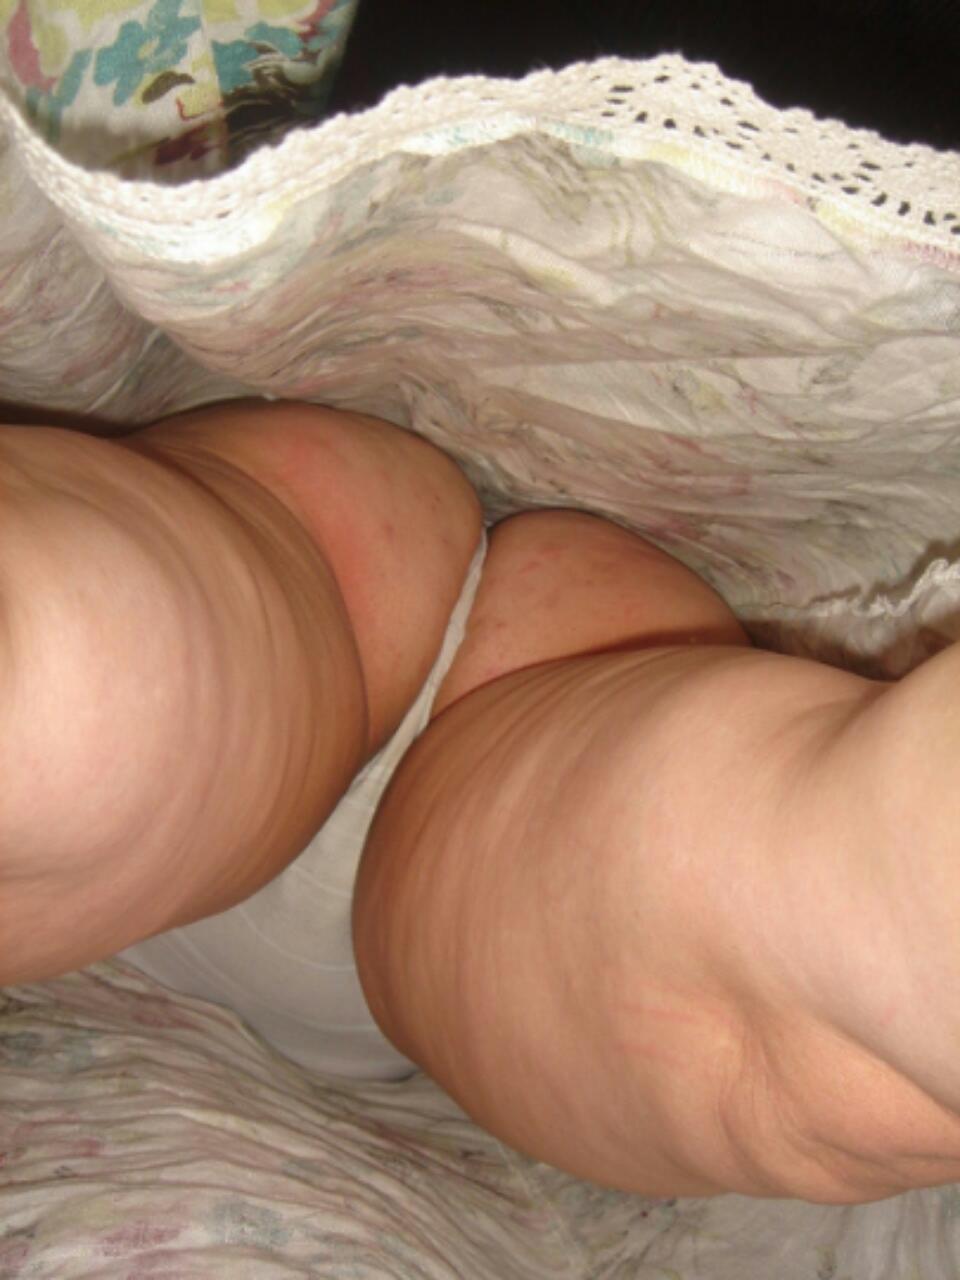 【パンチラエロ画像】ただのチラ見えではない!尻肉セットのTバックチラ!